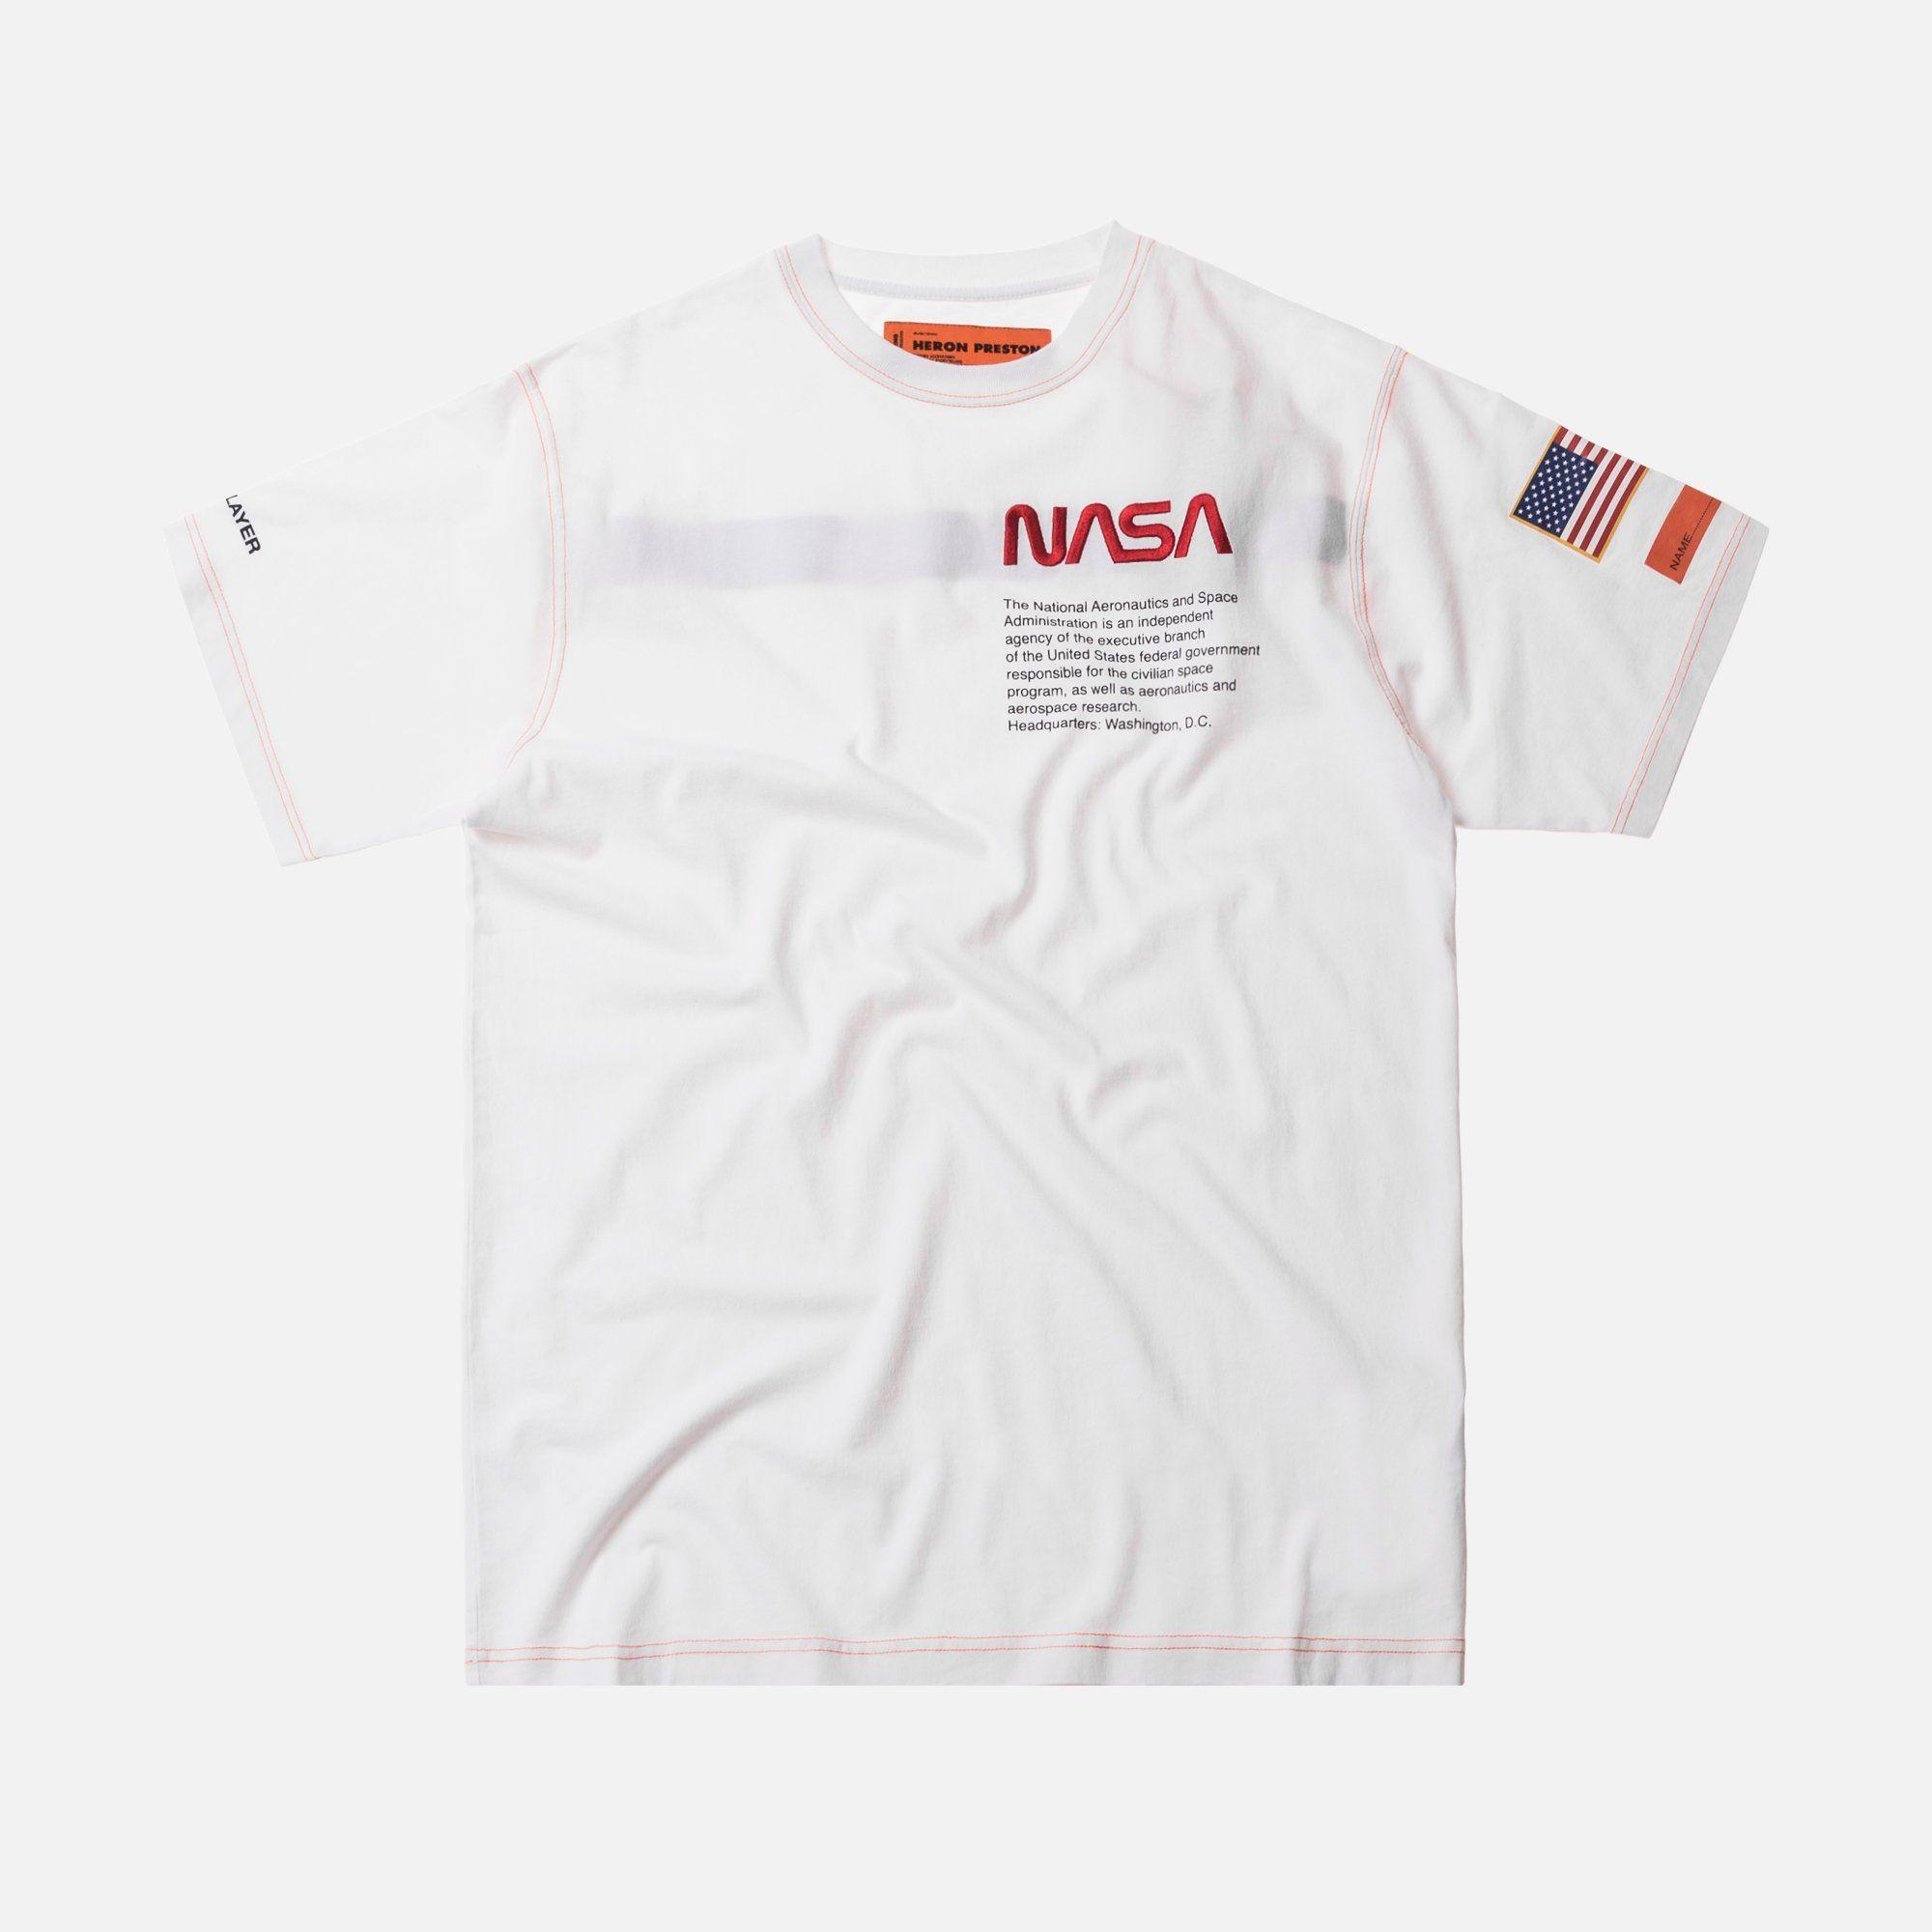 7a8d81c83 Heron Preston x NASA Jersey Tee - White / Orange – Kith   Graphics ...